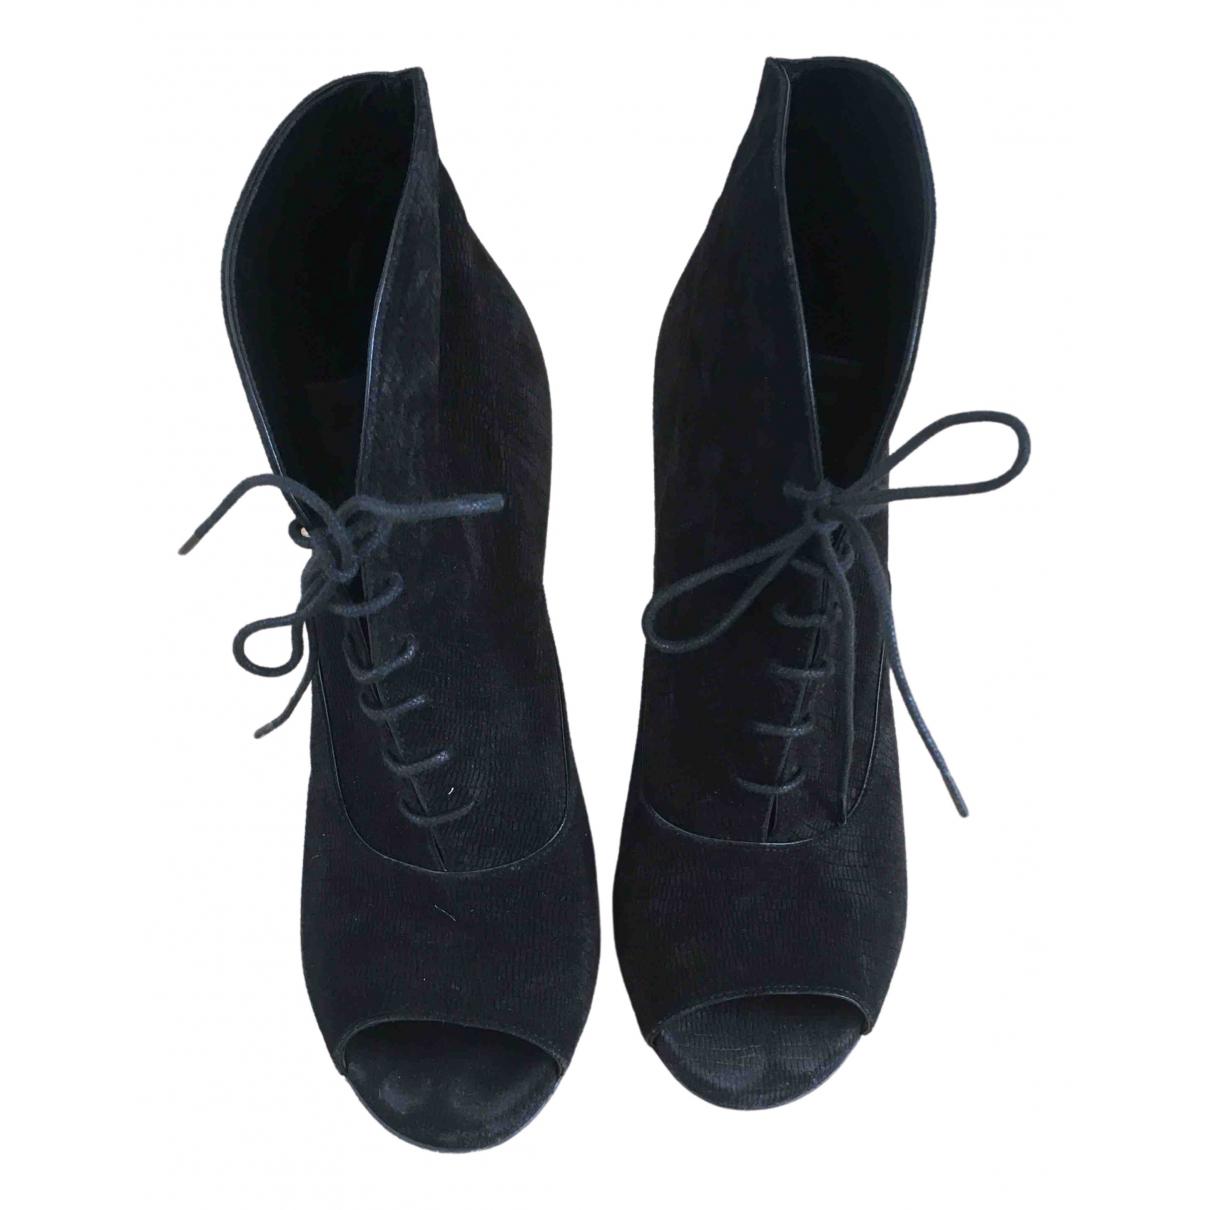 Saint Laurent \N Black Suede Ankle boots for Women 38.5 EU